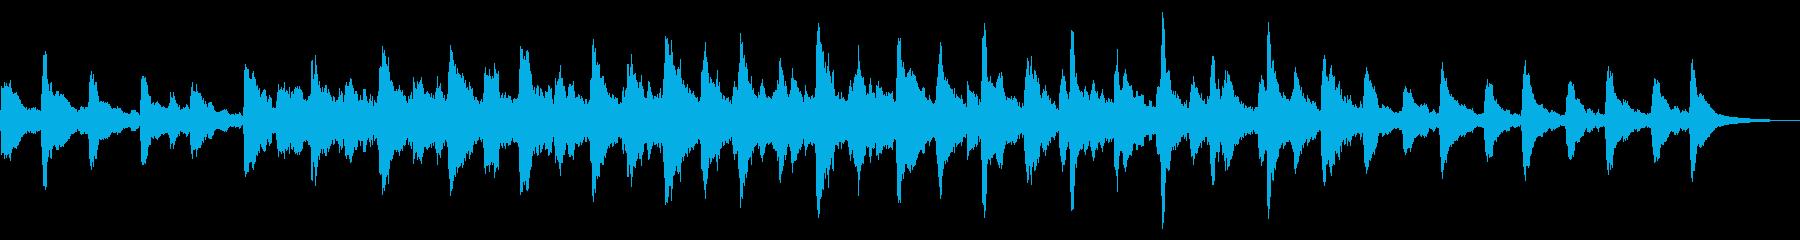 レプトン・チャーチ・ベルズ:1回鳴...の再生済みの波形